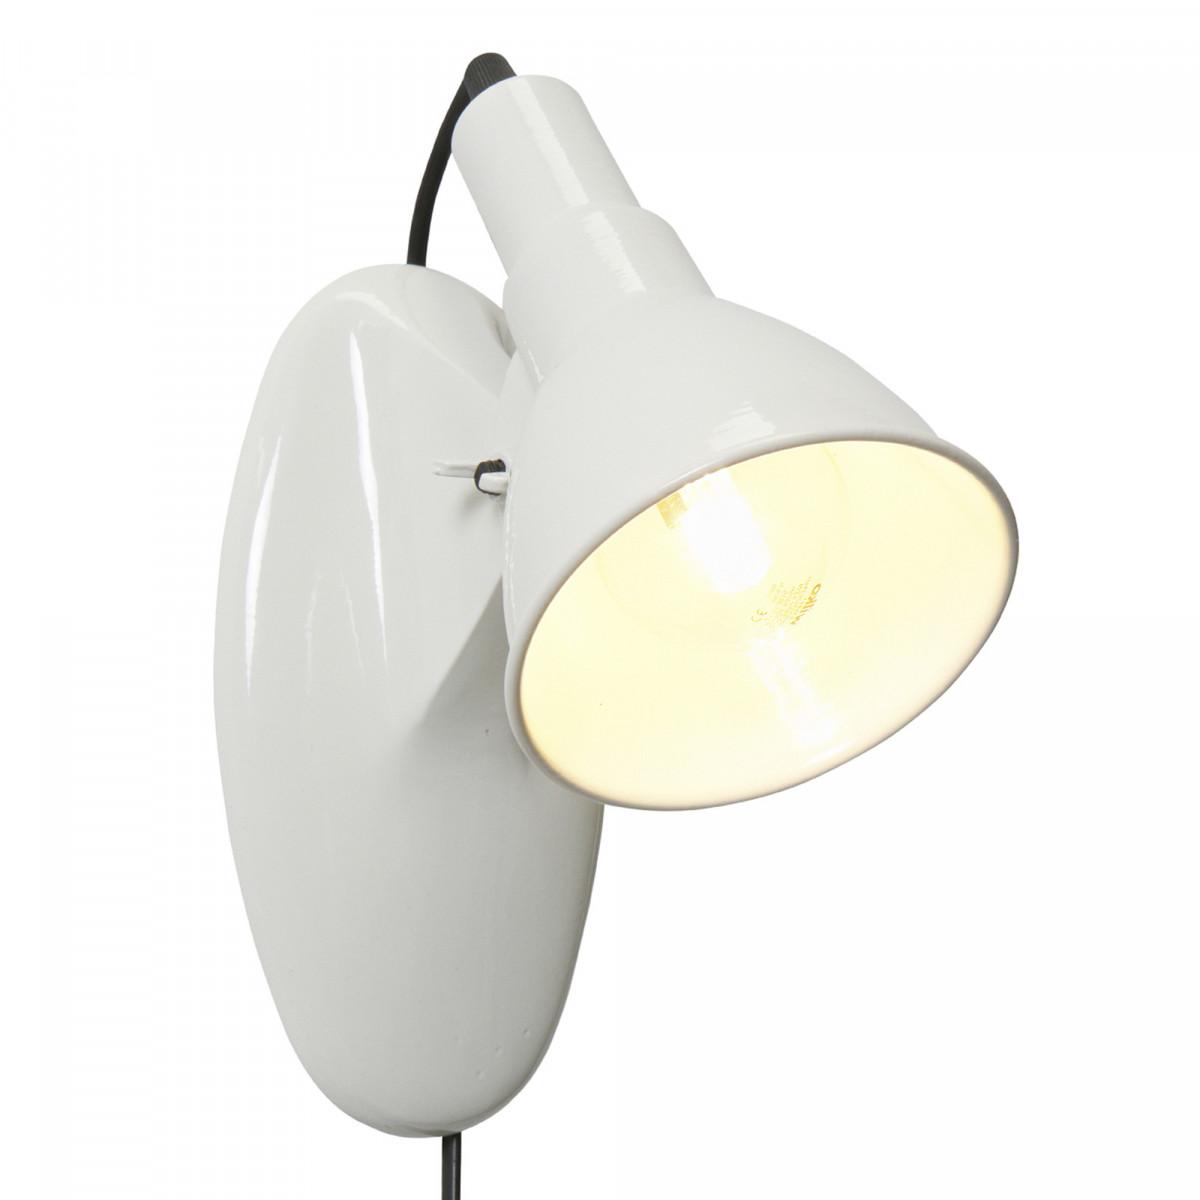 BePure wandlamp Masterpiece staal | nostalux.nl